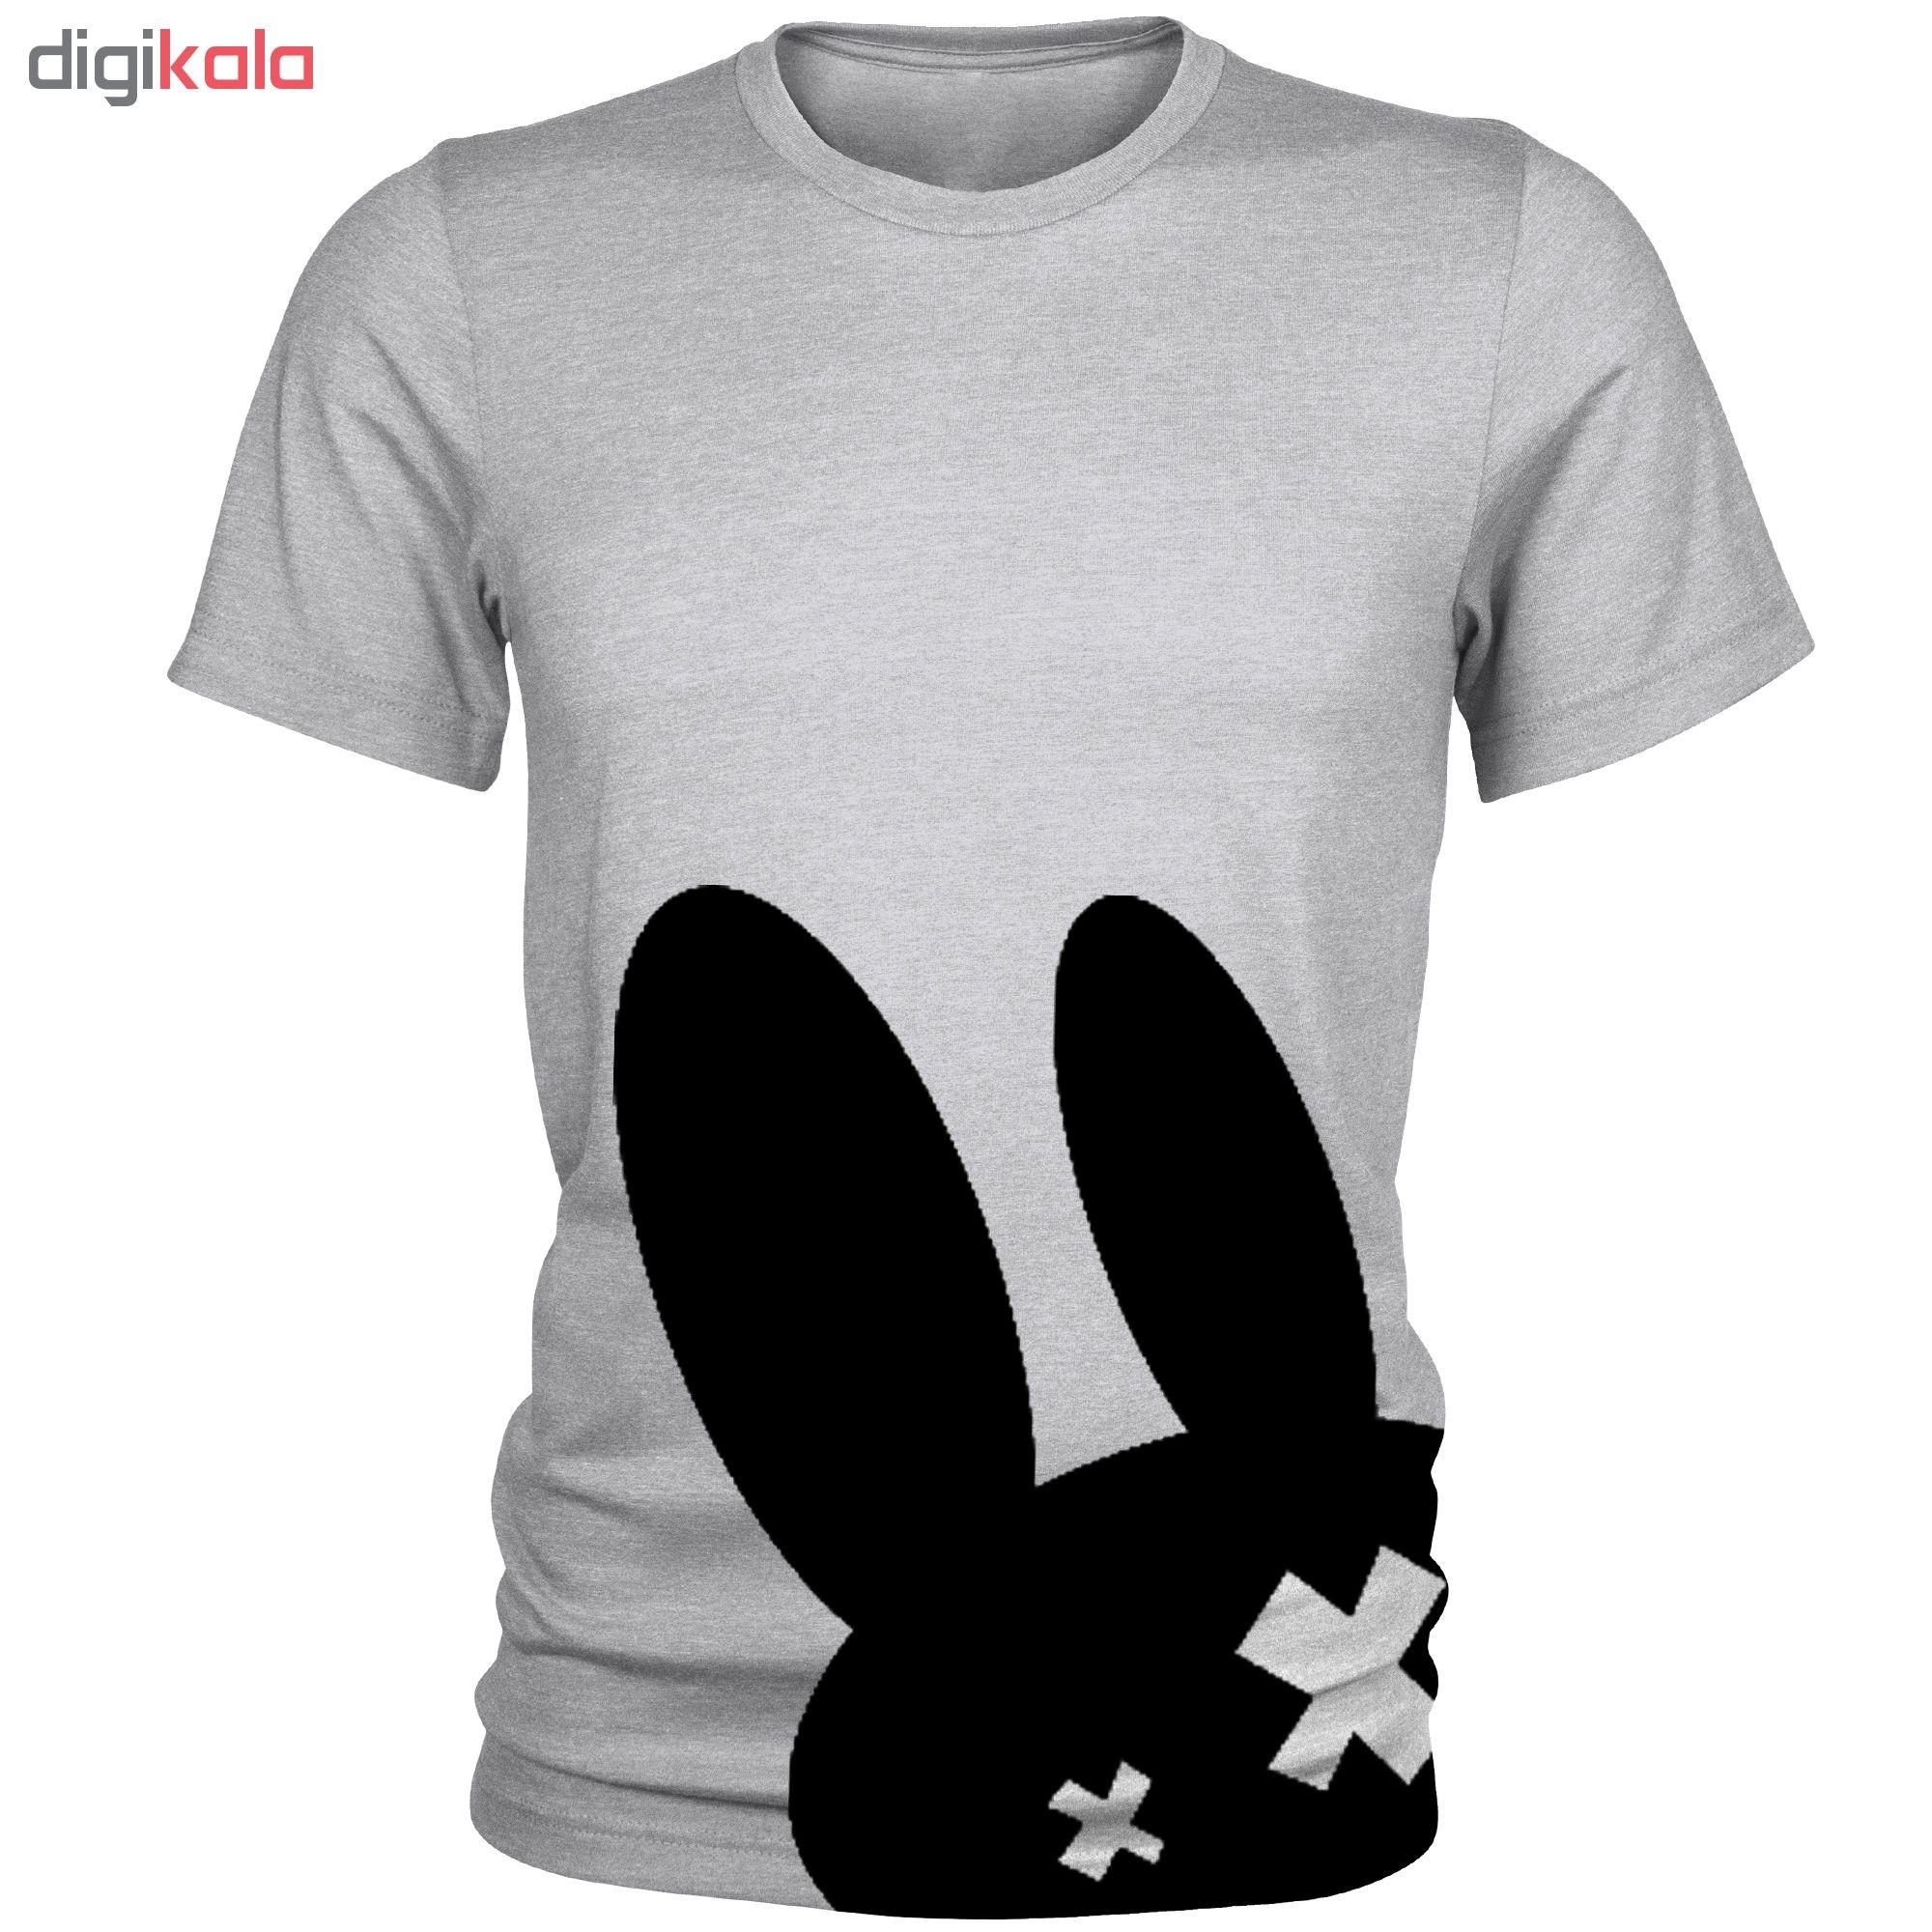 تی شرت مردانه مدل Black Robbit کد A085